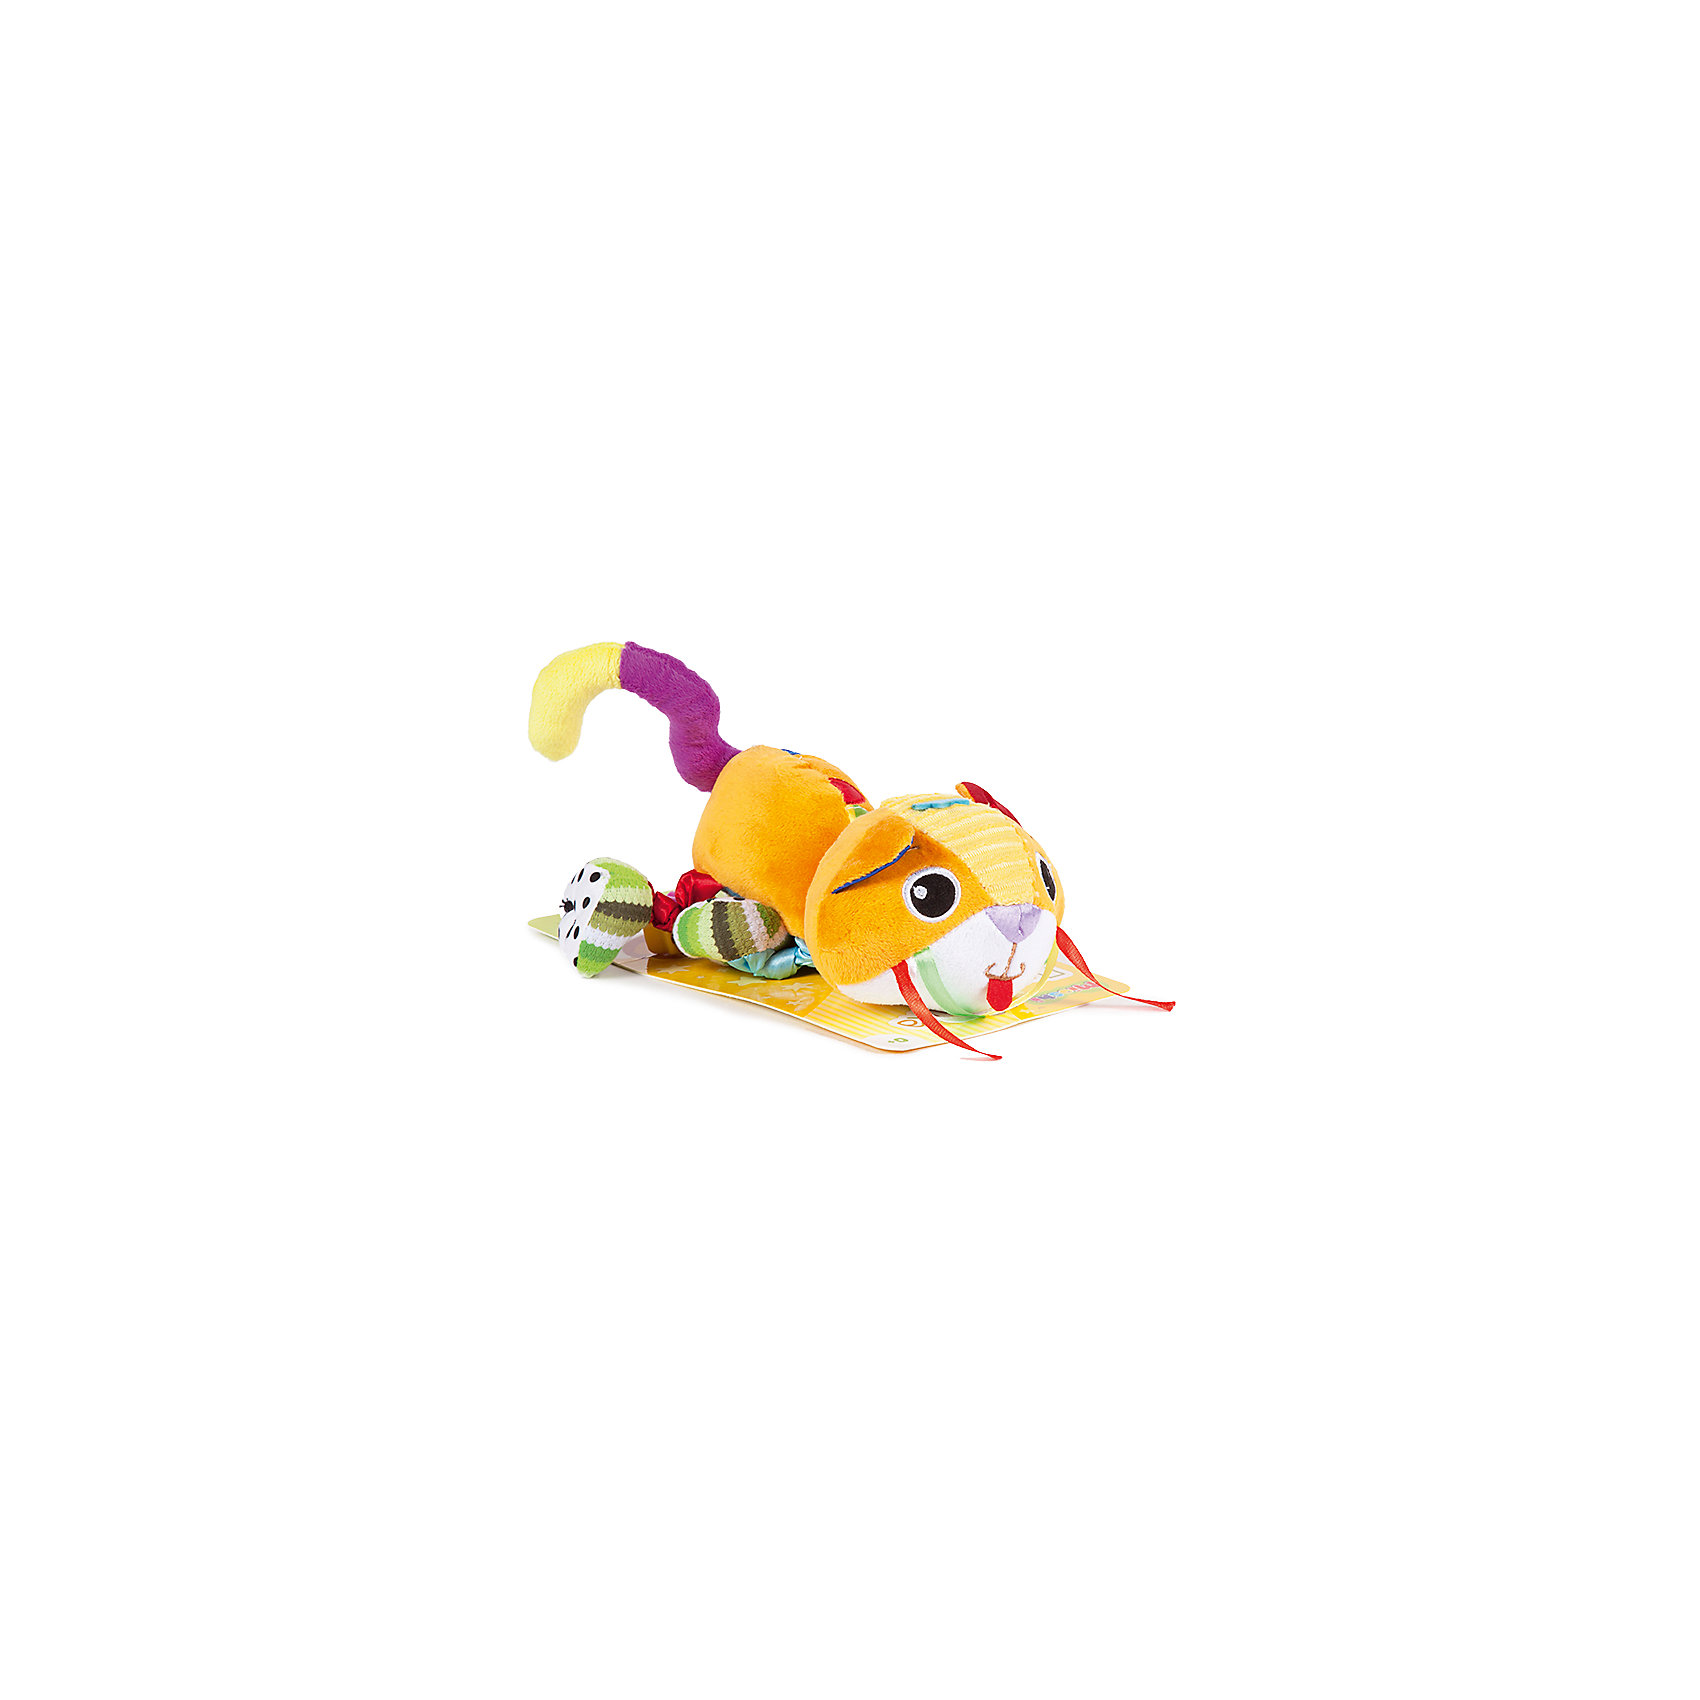 Mioshi Погремушка Забавный мурзик, 20 см,  Mioshi развивающая игрушка погремушка mioshi черепашка